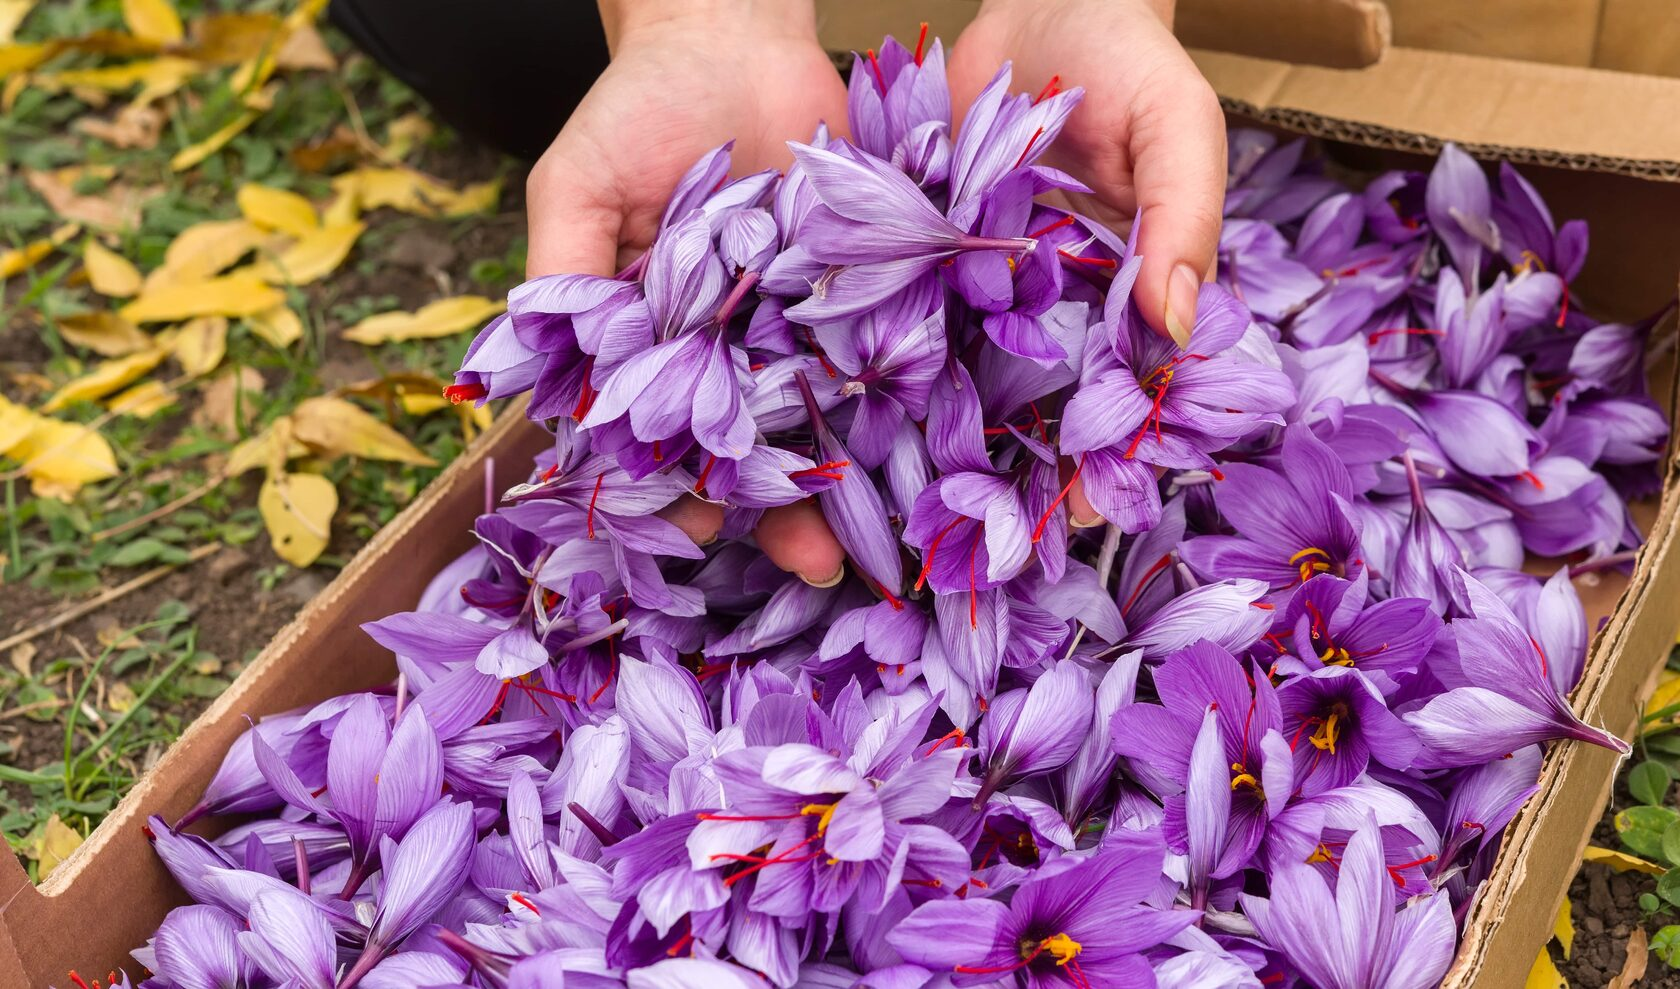 купить луковицы крокуса шафрана для выращивания шафрана напрямую у поставщика фермера из Нидерландов без посредников и перекупщиков